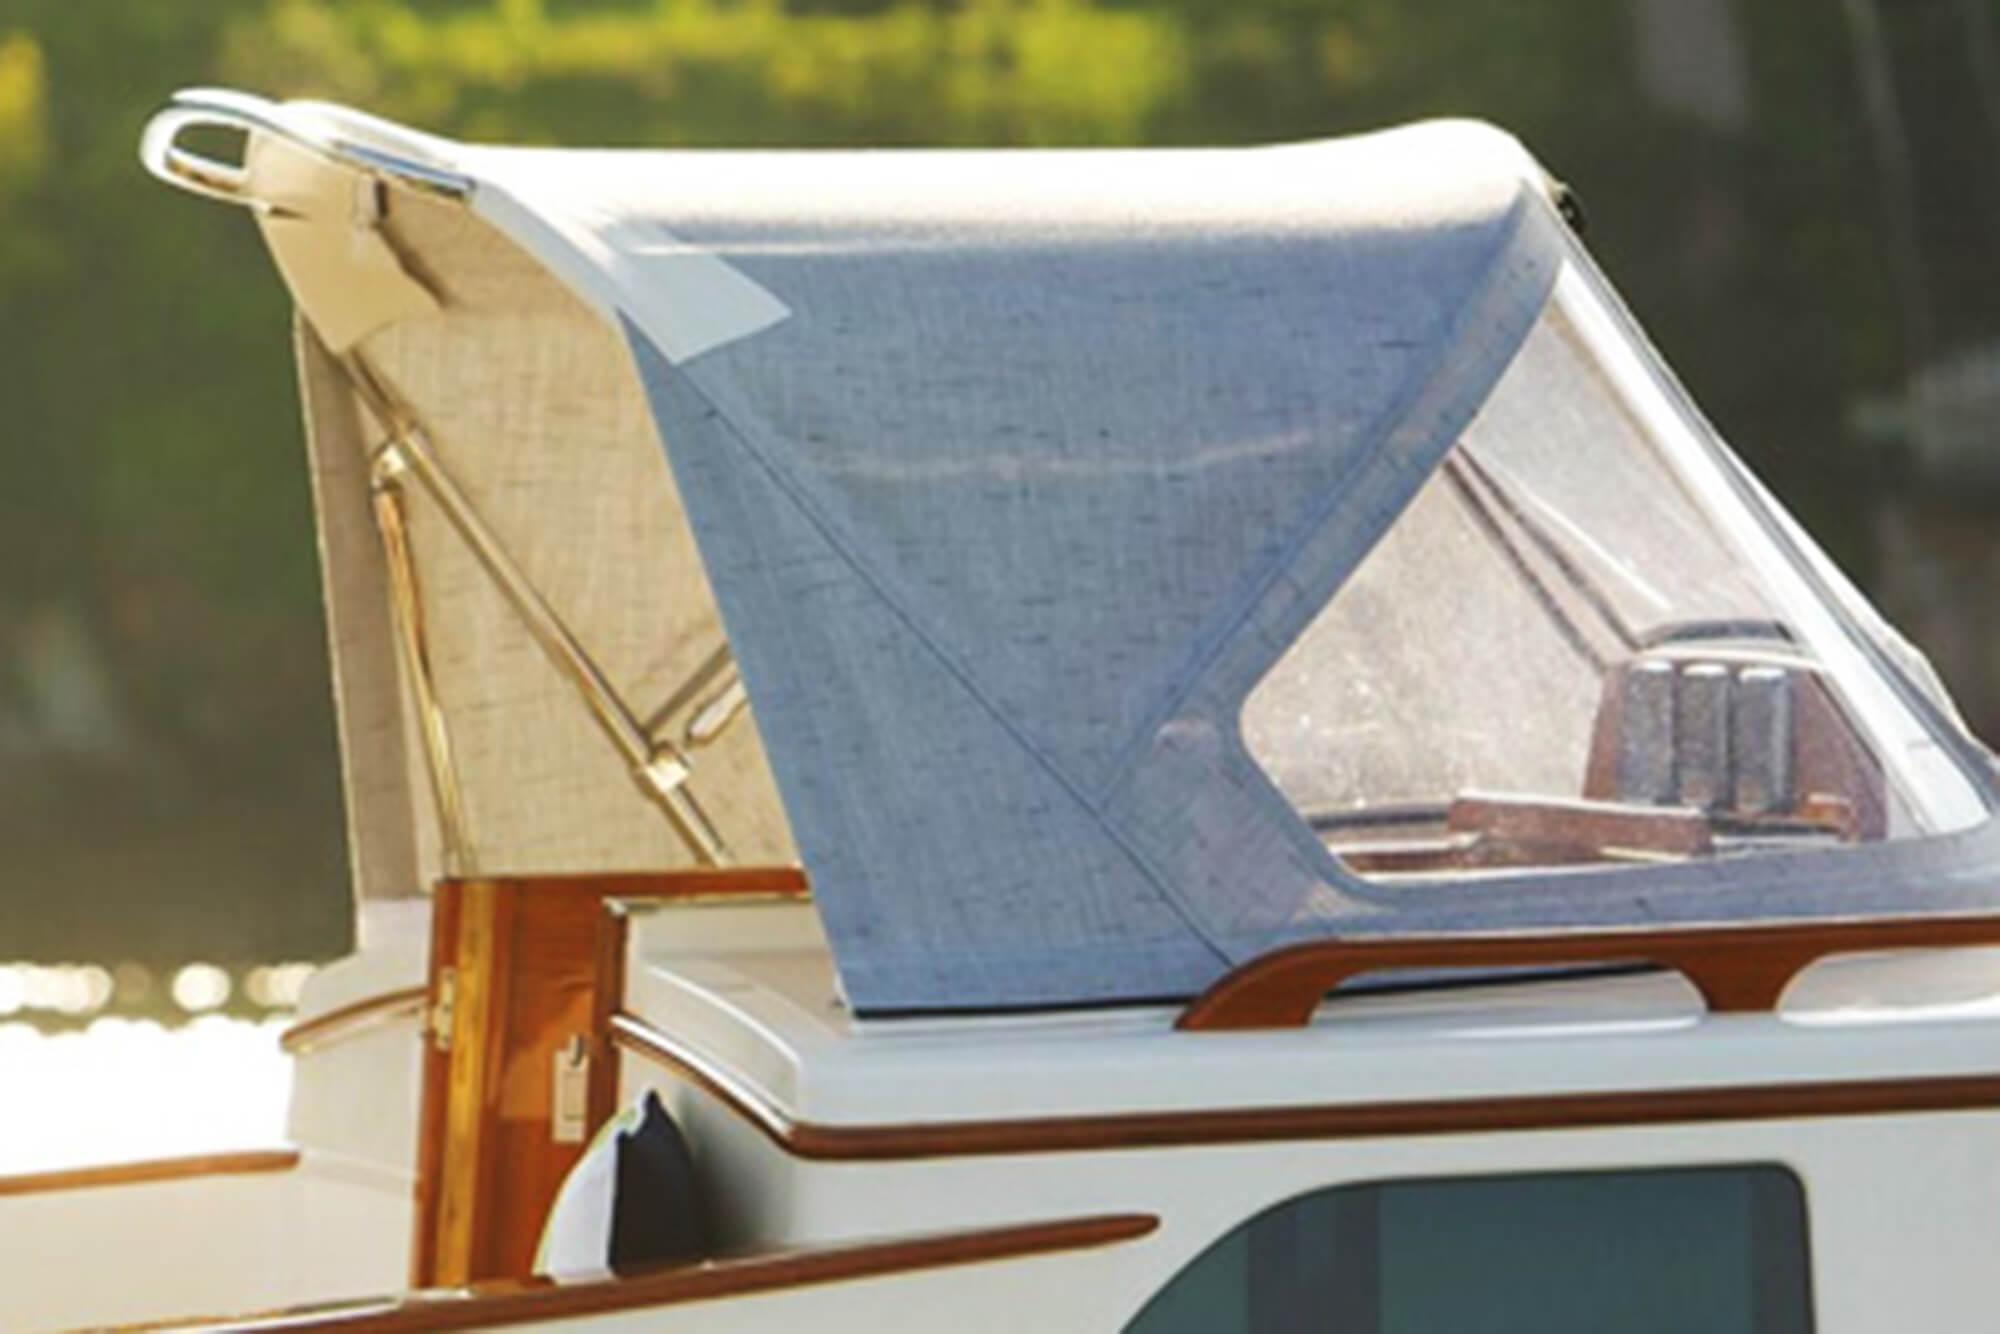 由灰色 Sunbrella 织物制成的帆船的防浪板。